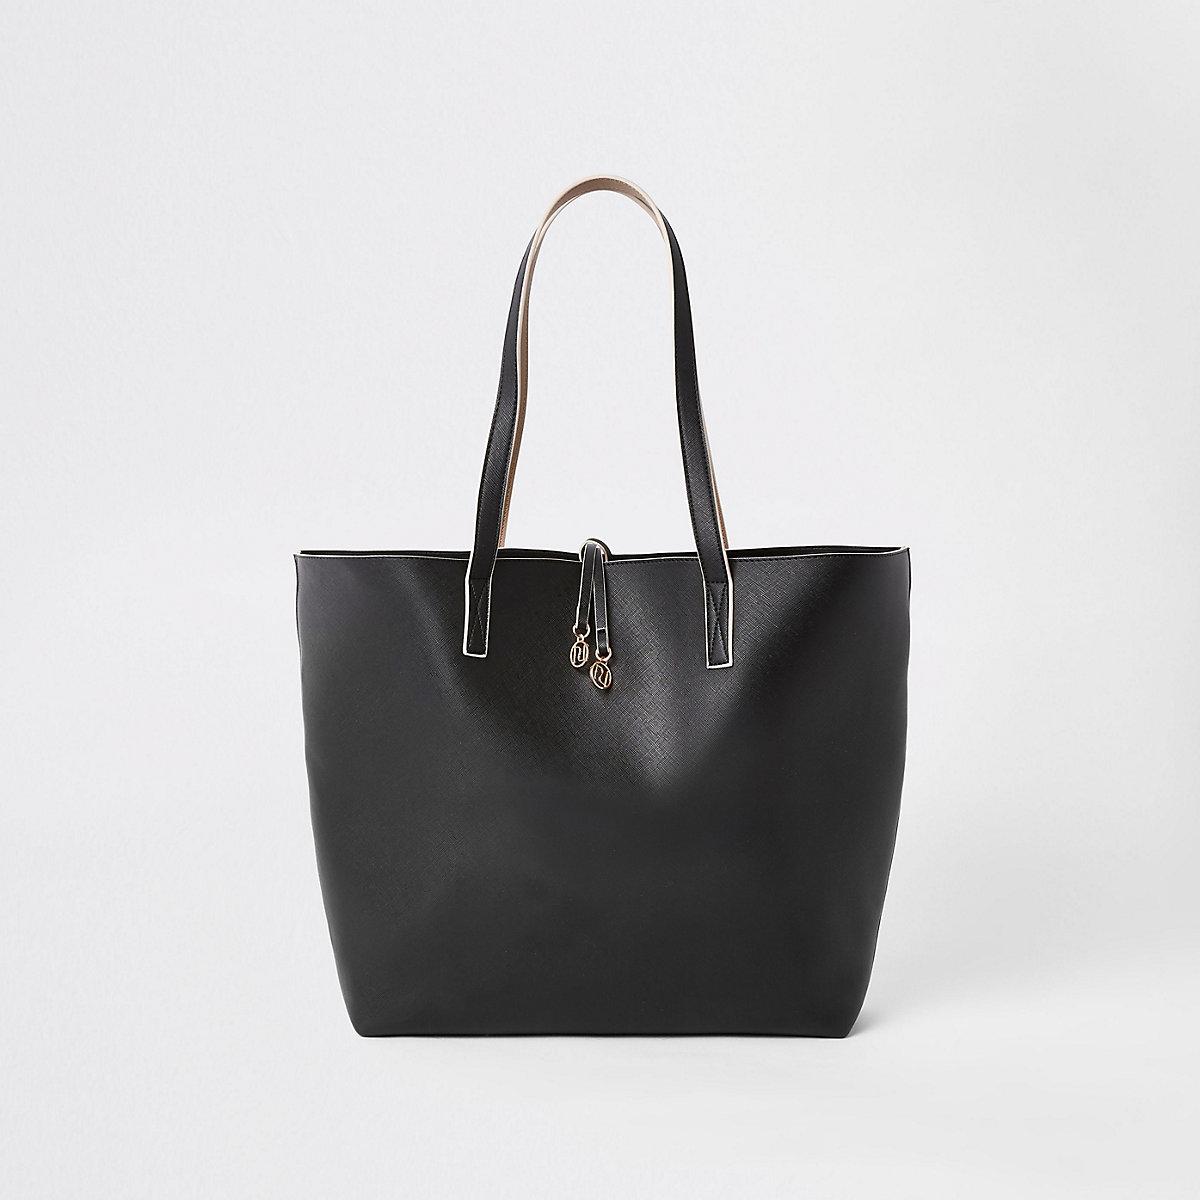 Black winged tote bag